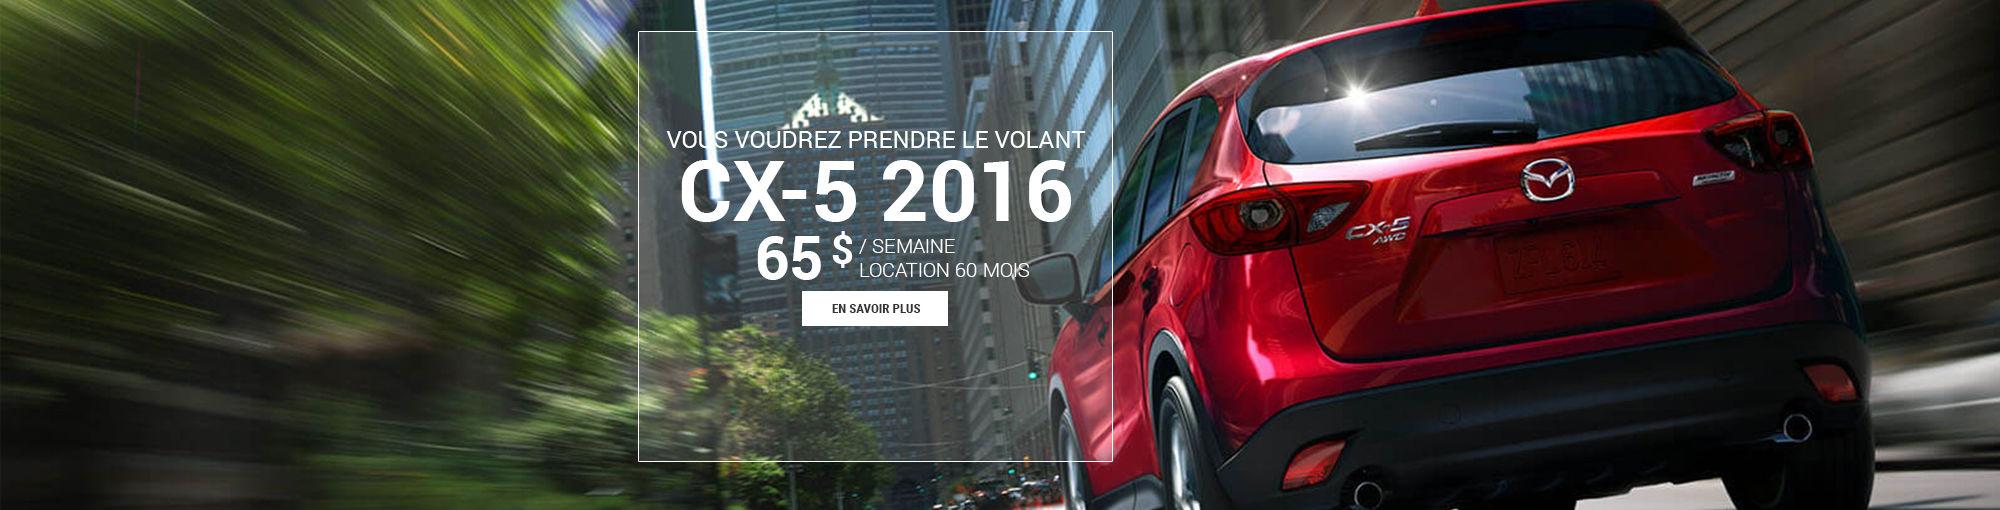 CX5 2016 - novembre 2015